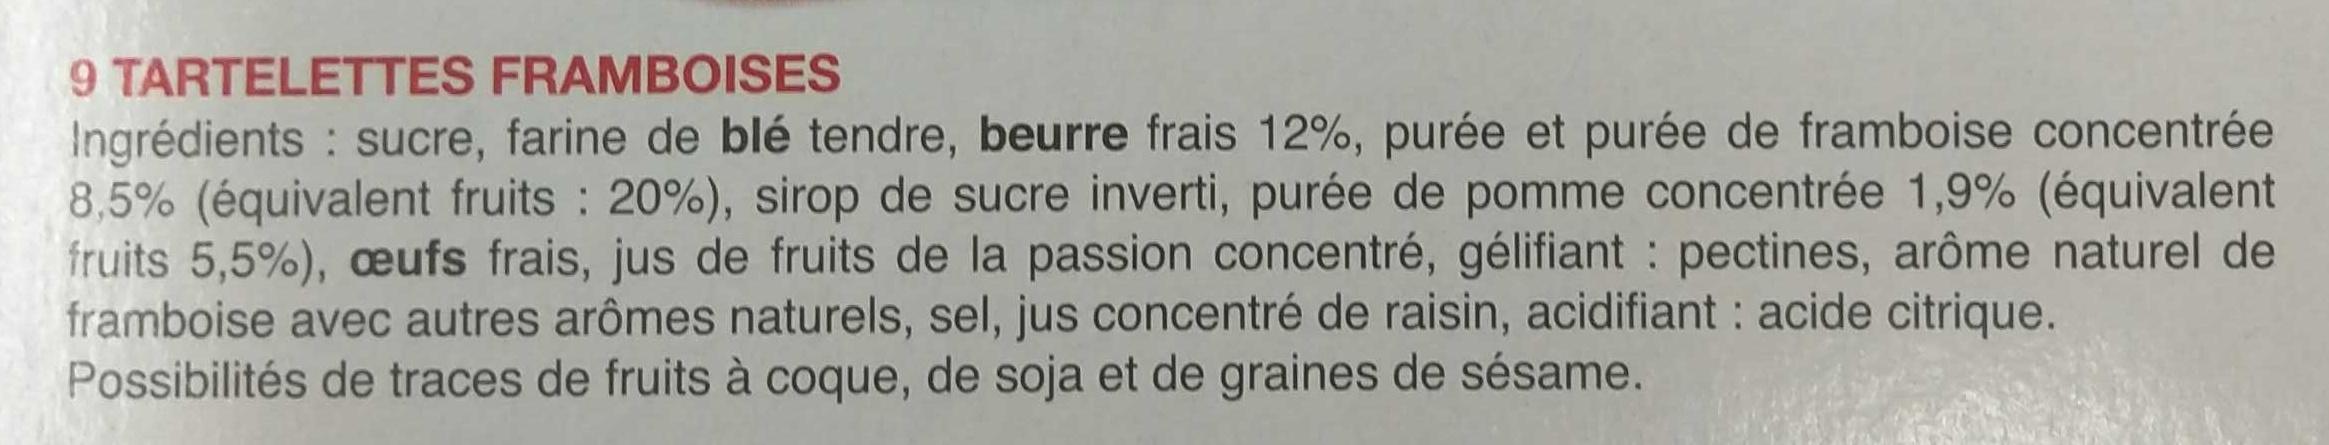 Tartelettes framboise - Ingredienti - fr